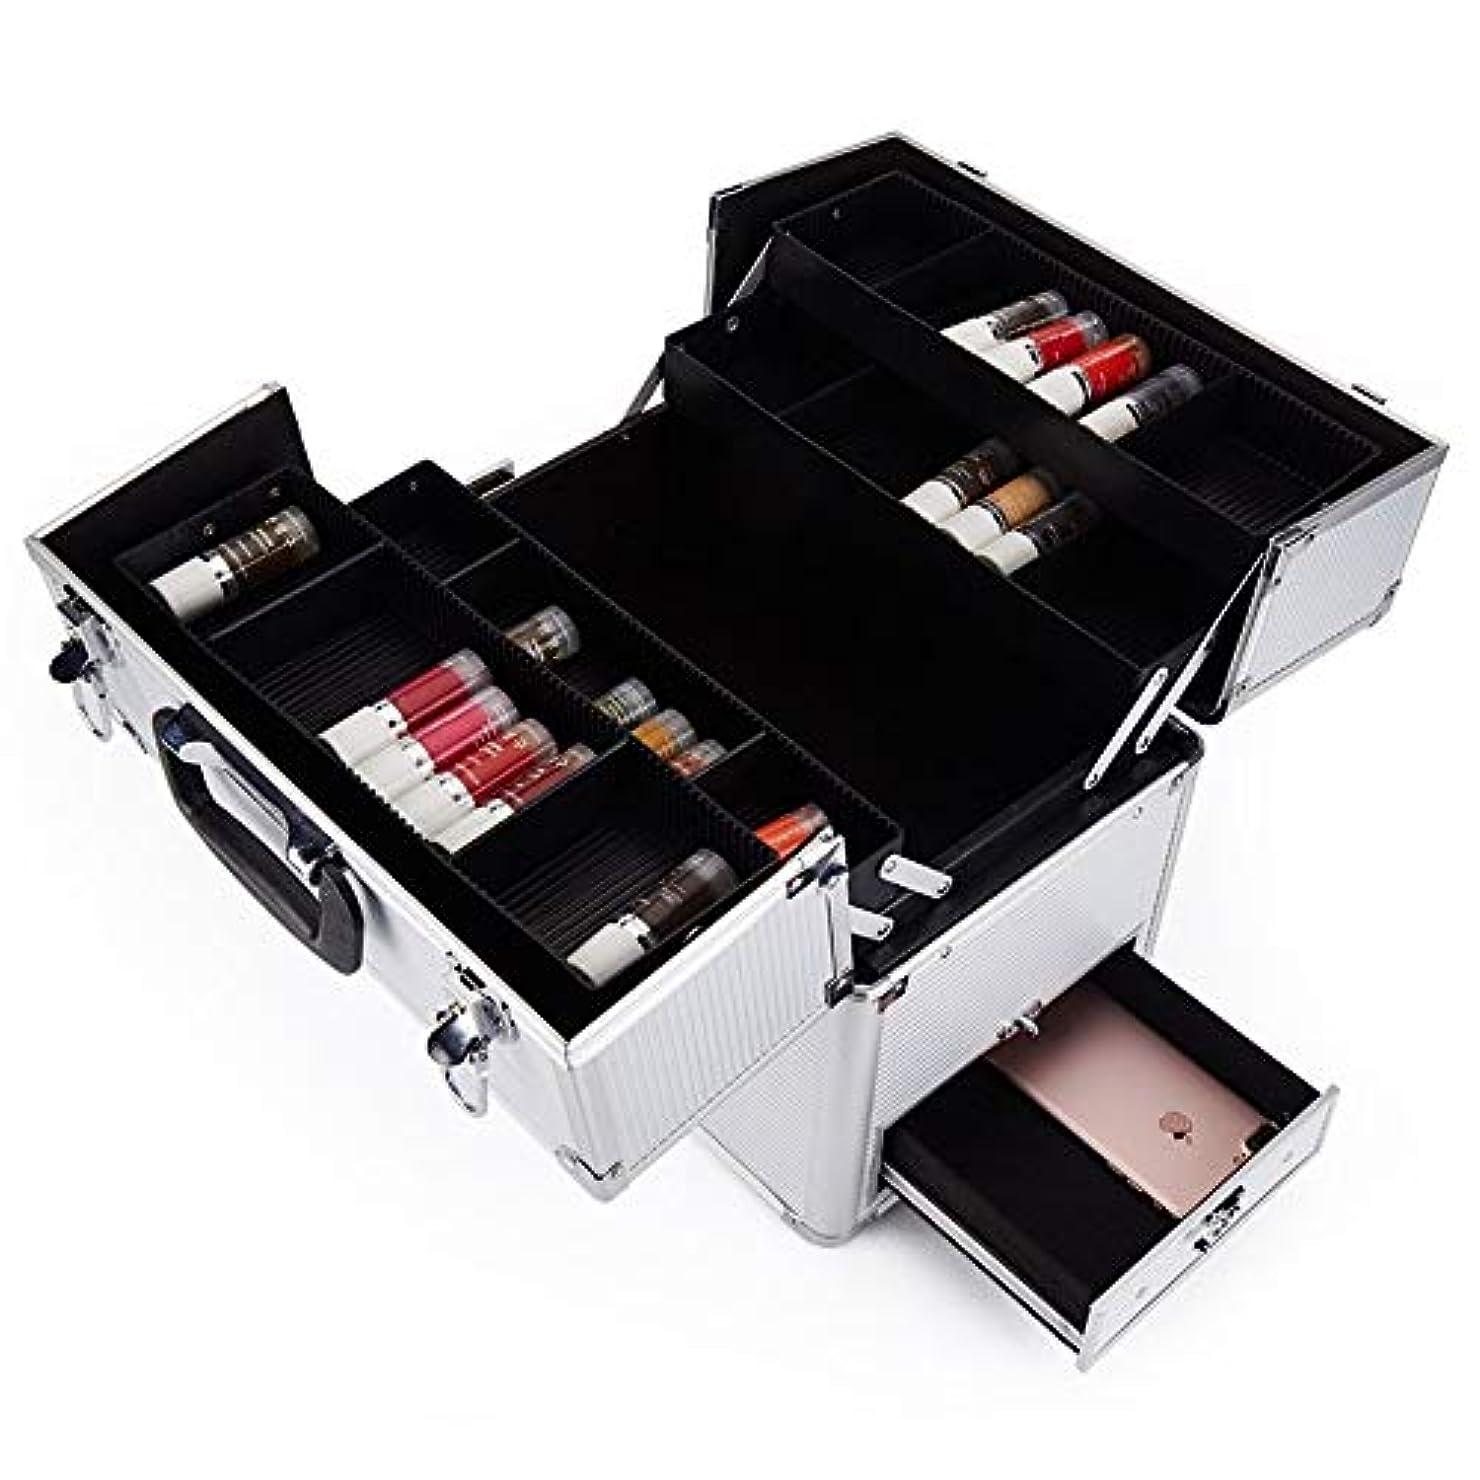 グローバル遺伝子劇的化粧オーガナイザーバッグ 多機能旅行メイクアップバッグパターンメイクアップアーティストケーストレインボックス化粧品オーガナイザー収納ボックス 化粧品ケース